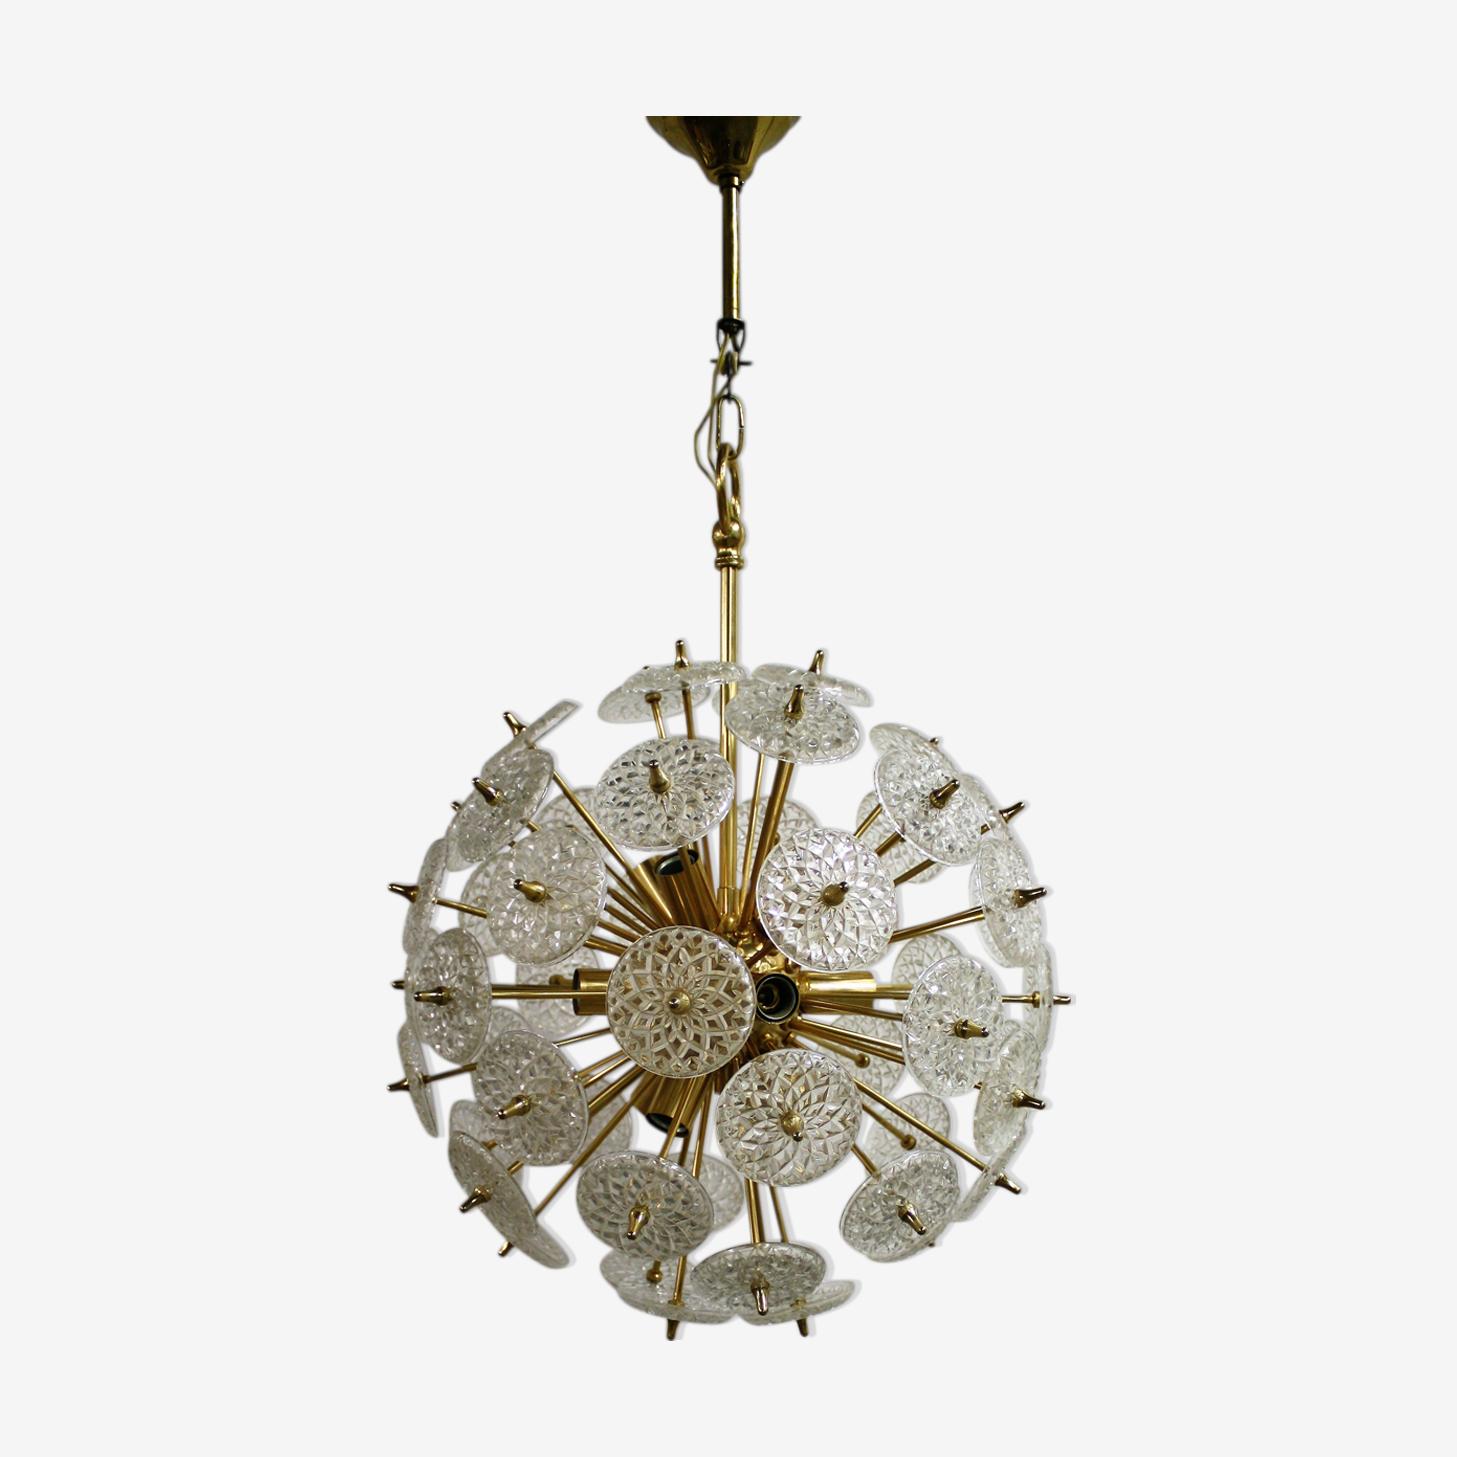 Lustre en laiton et cristal sputnik par Val saint lambert, années 50